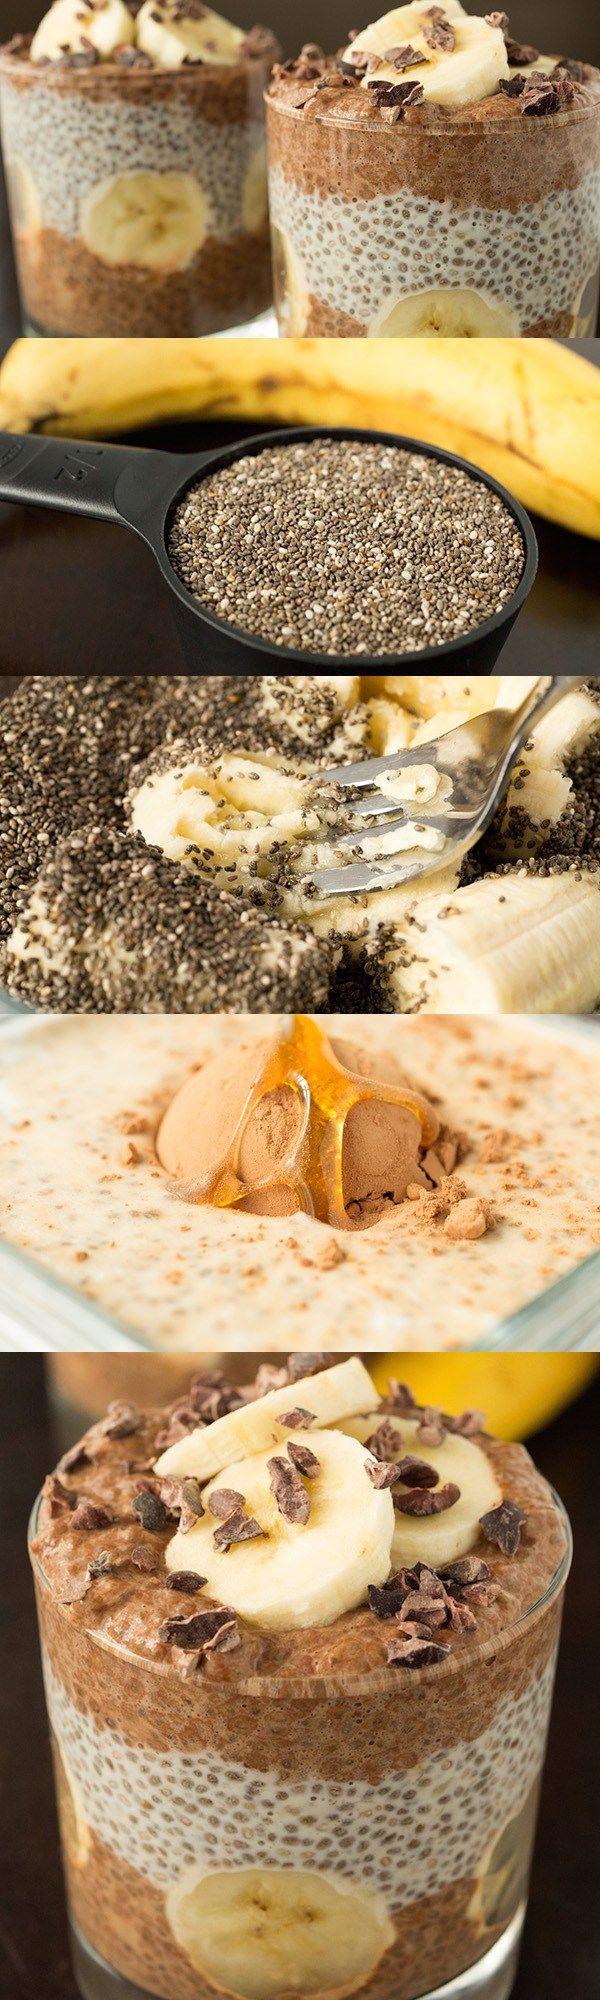 2 Bananen, reif 2 EL Kakaosäulen 1 EL Kakaopulver Backen und würzen 1 EL Süßstoff 1/2 tsp Vanilleextrakt Nüsse und Körner 1/2 Tasse Chia Samen Milchprodukte 2 Tassen Milch